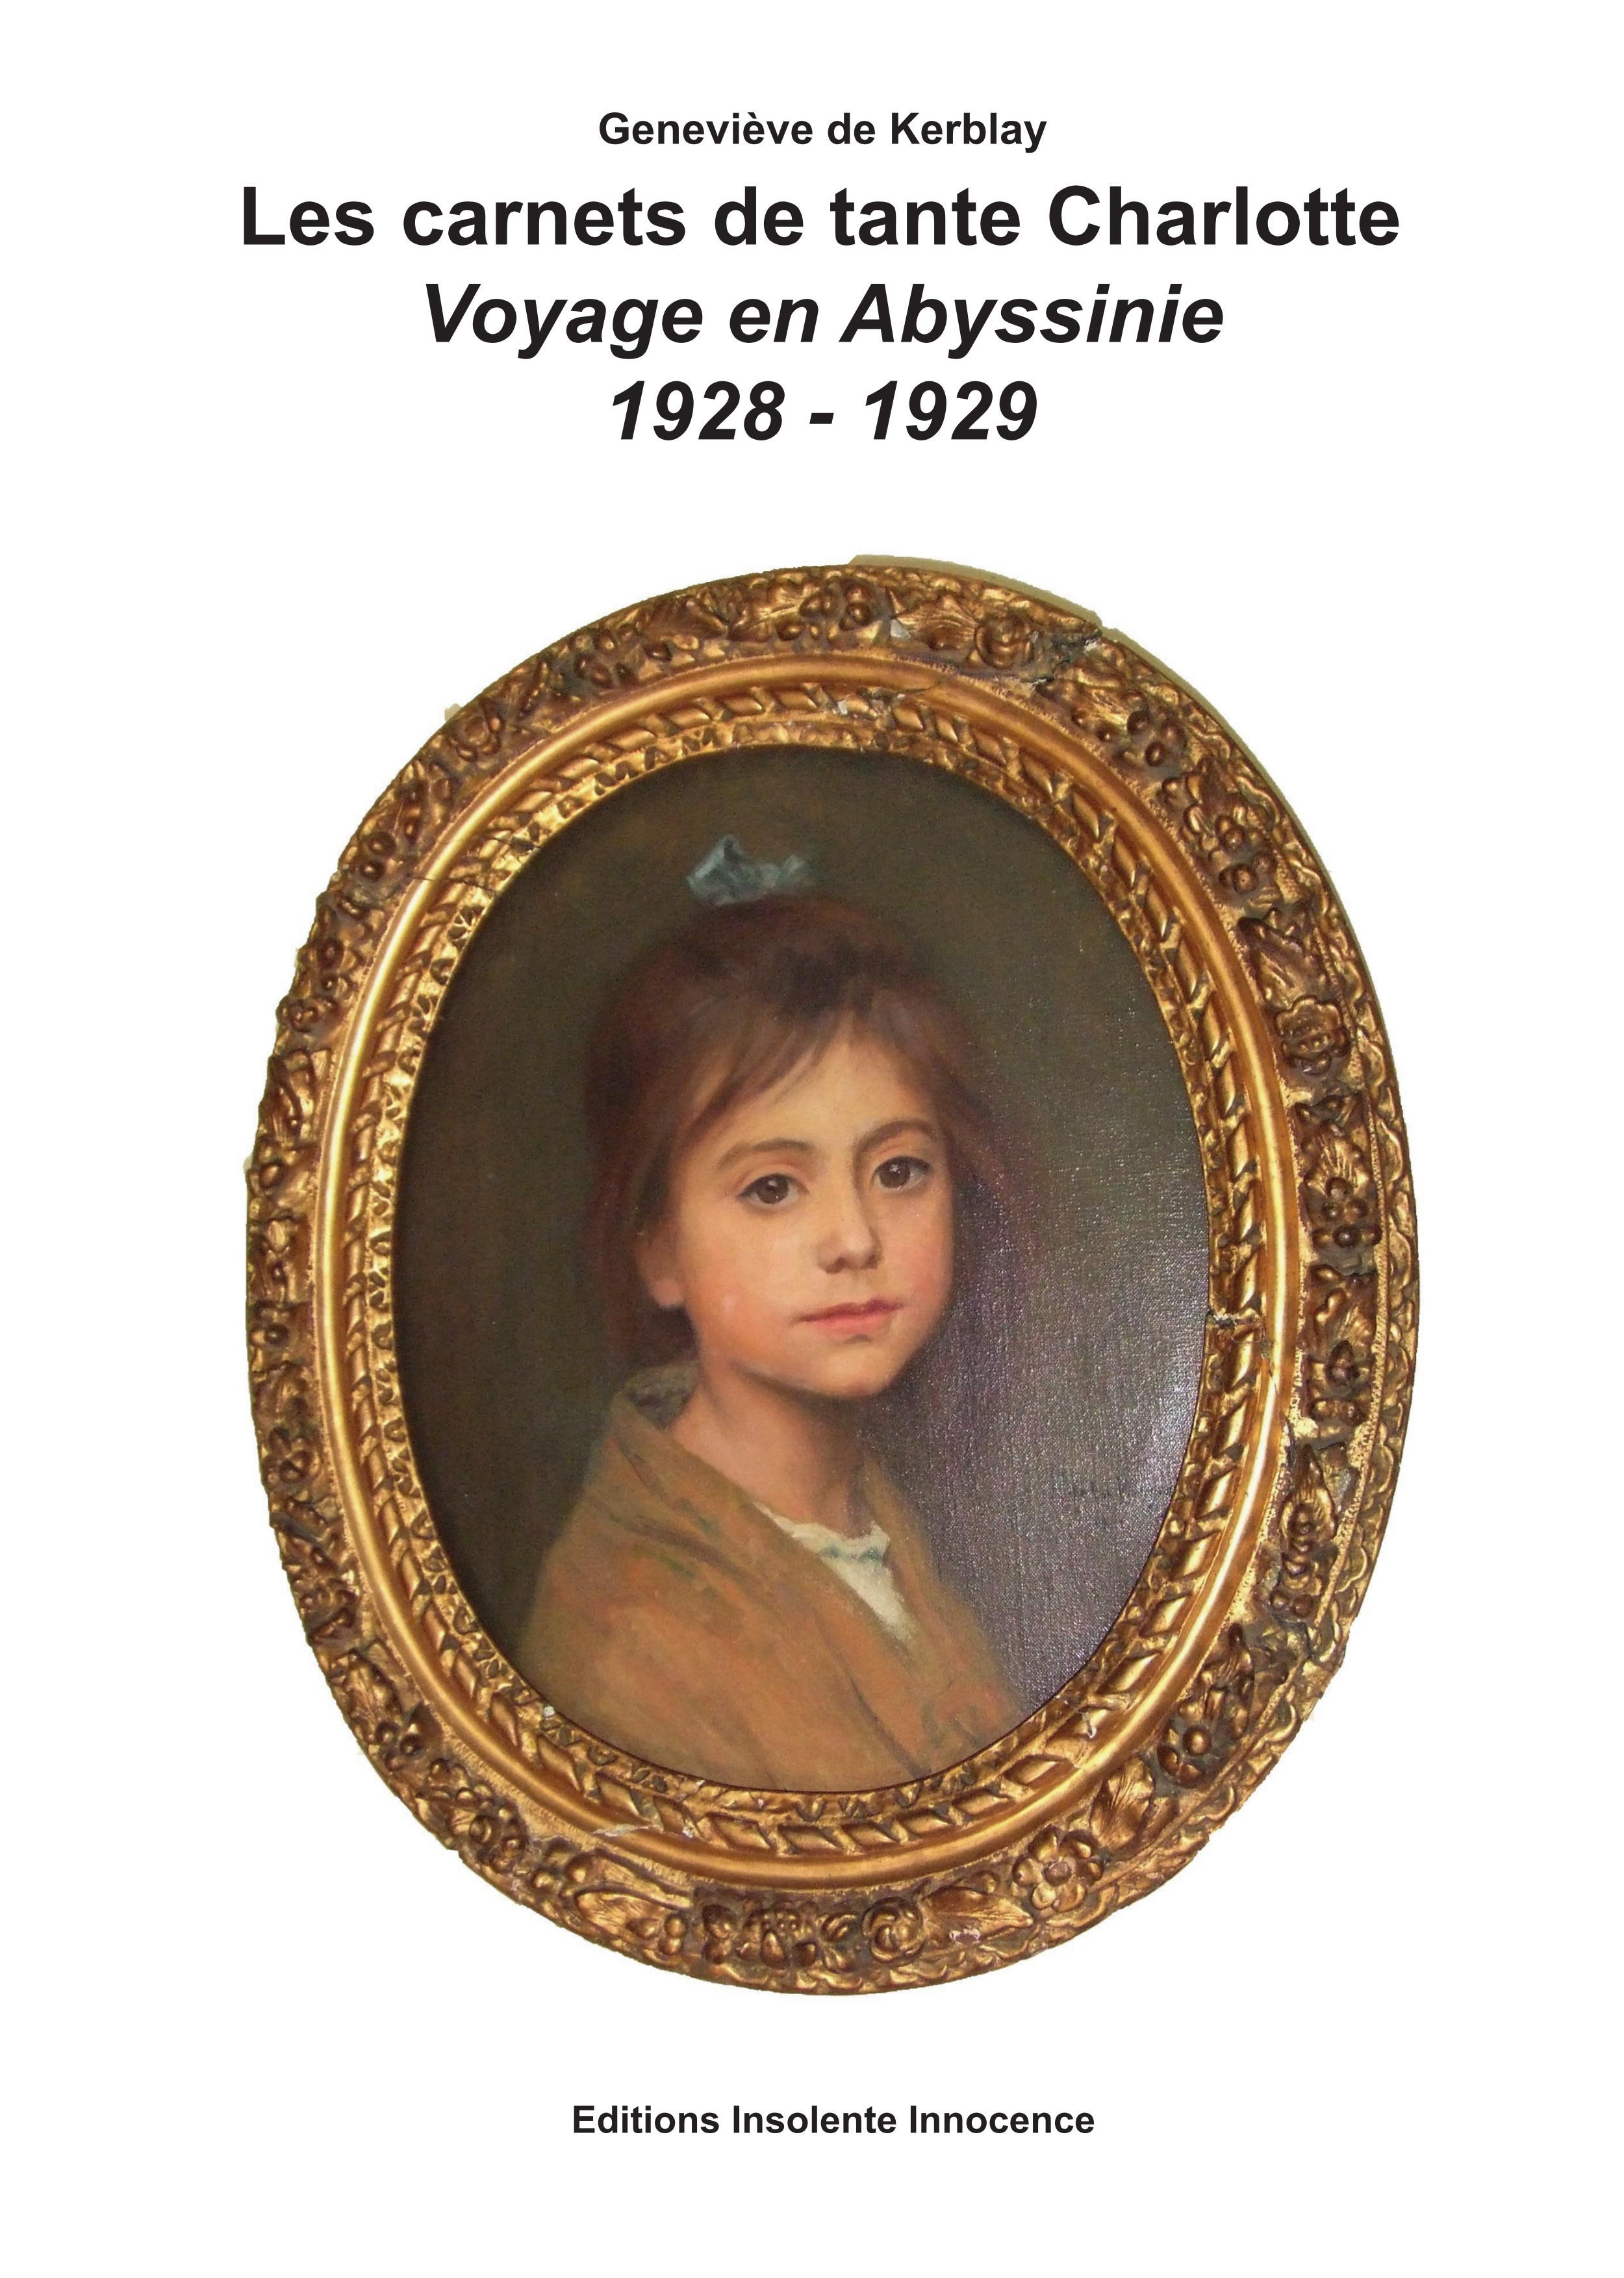 LES CARNETS DE TANTE CHARLOTTE VOYAGE EN ABYSSINIE 1928-1929